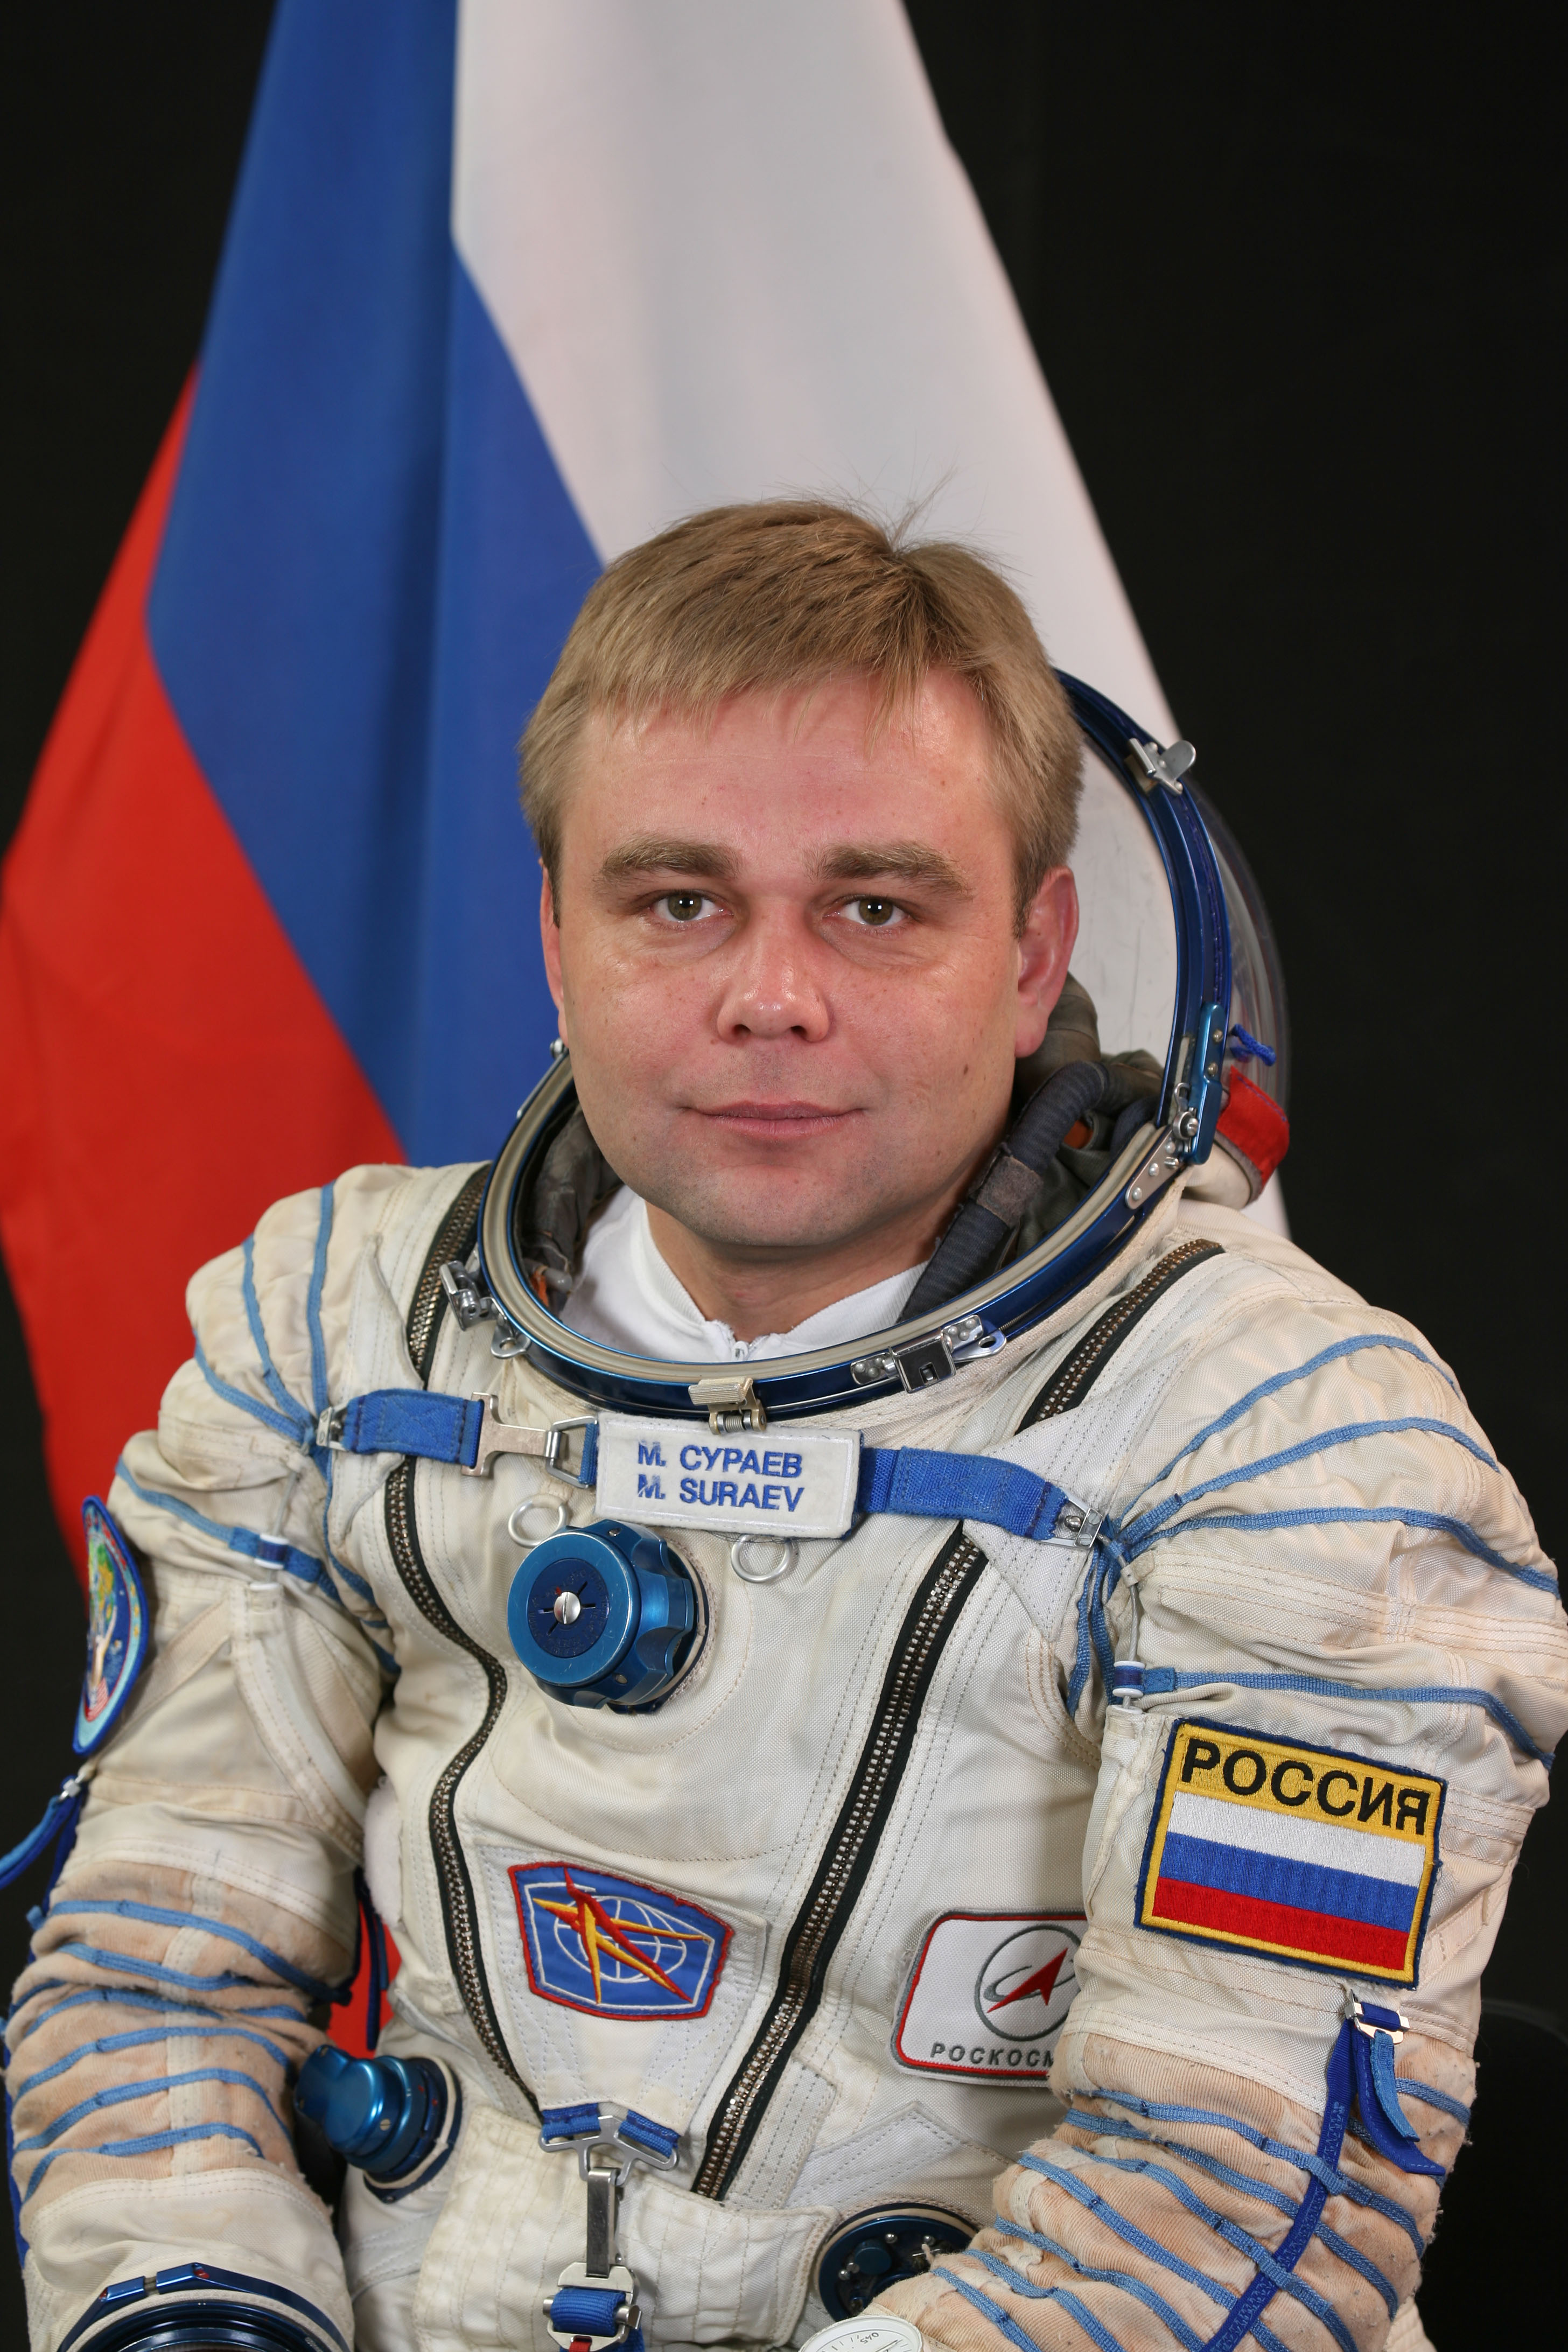 Фото русских космонавтов с именами